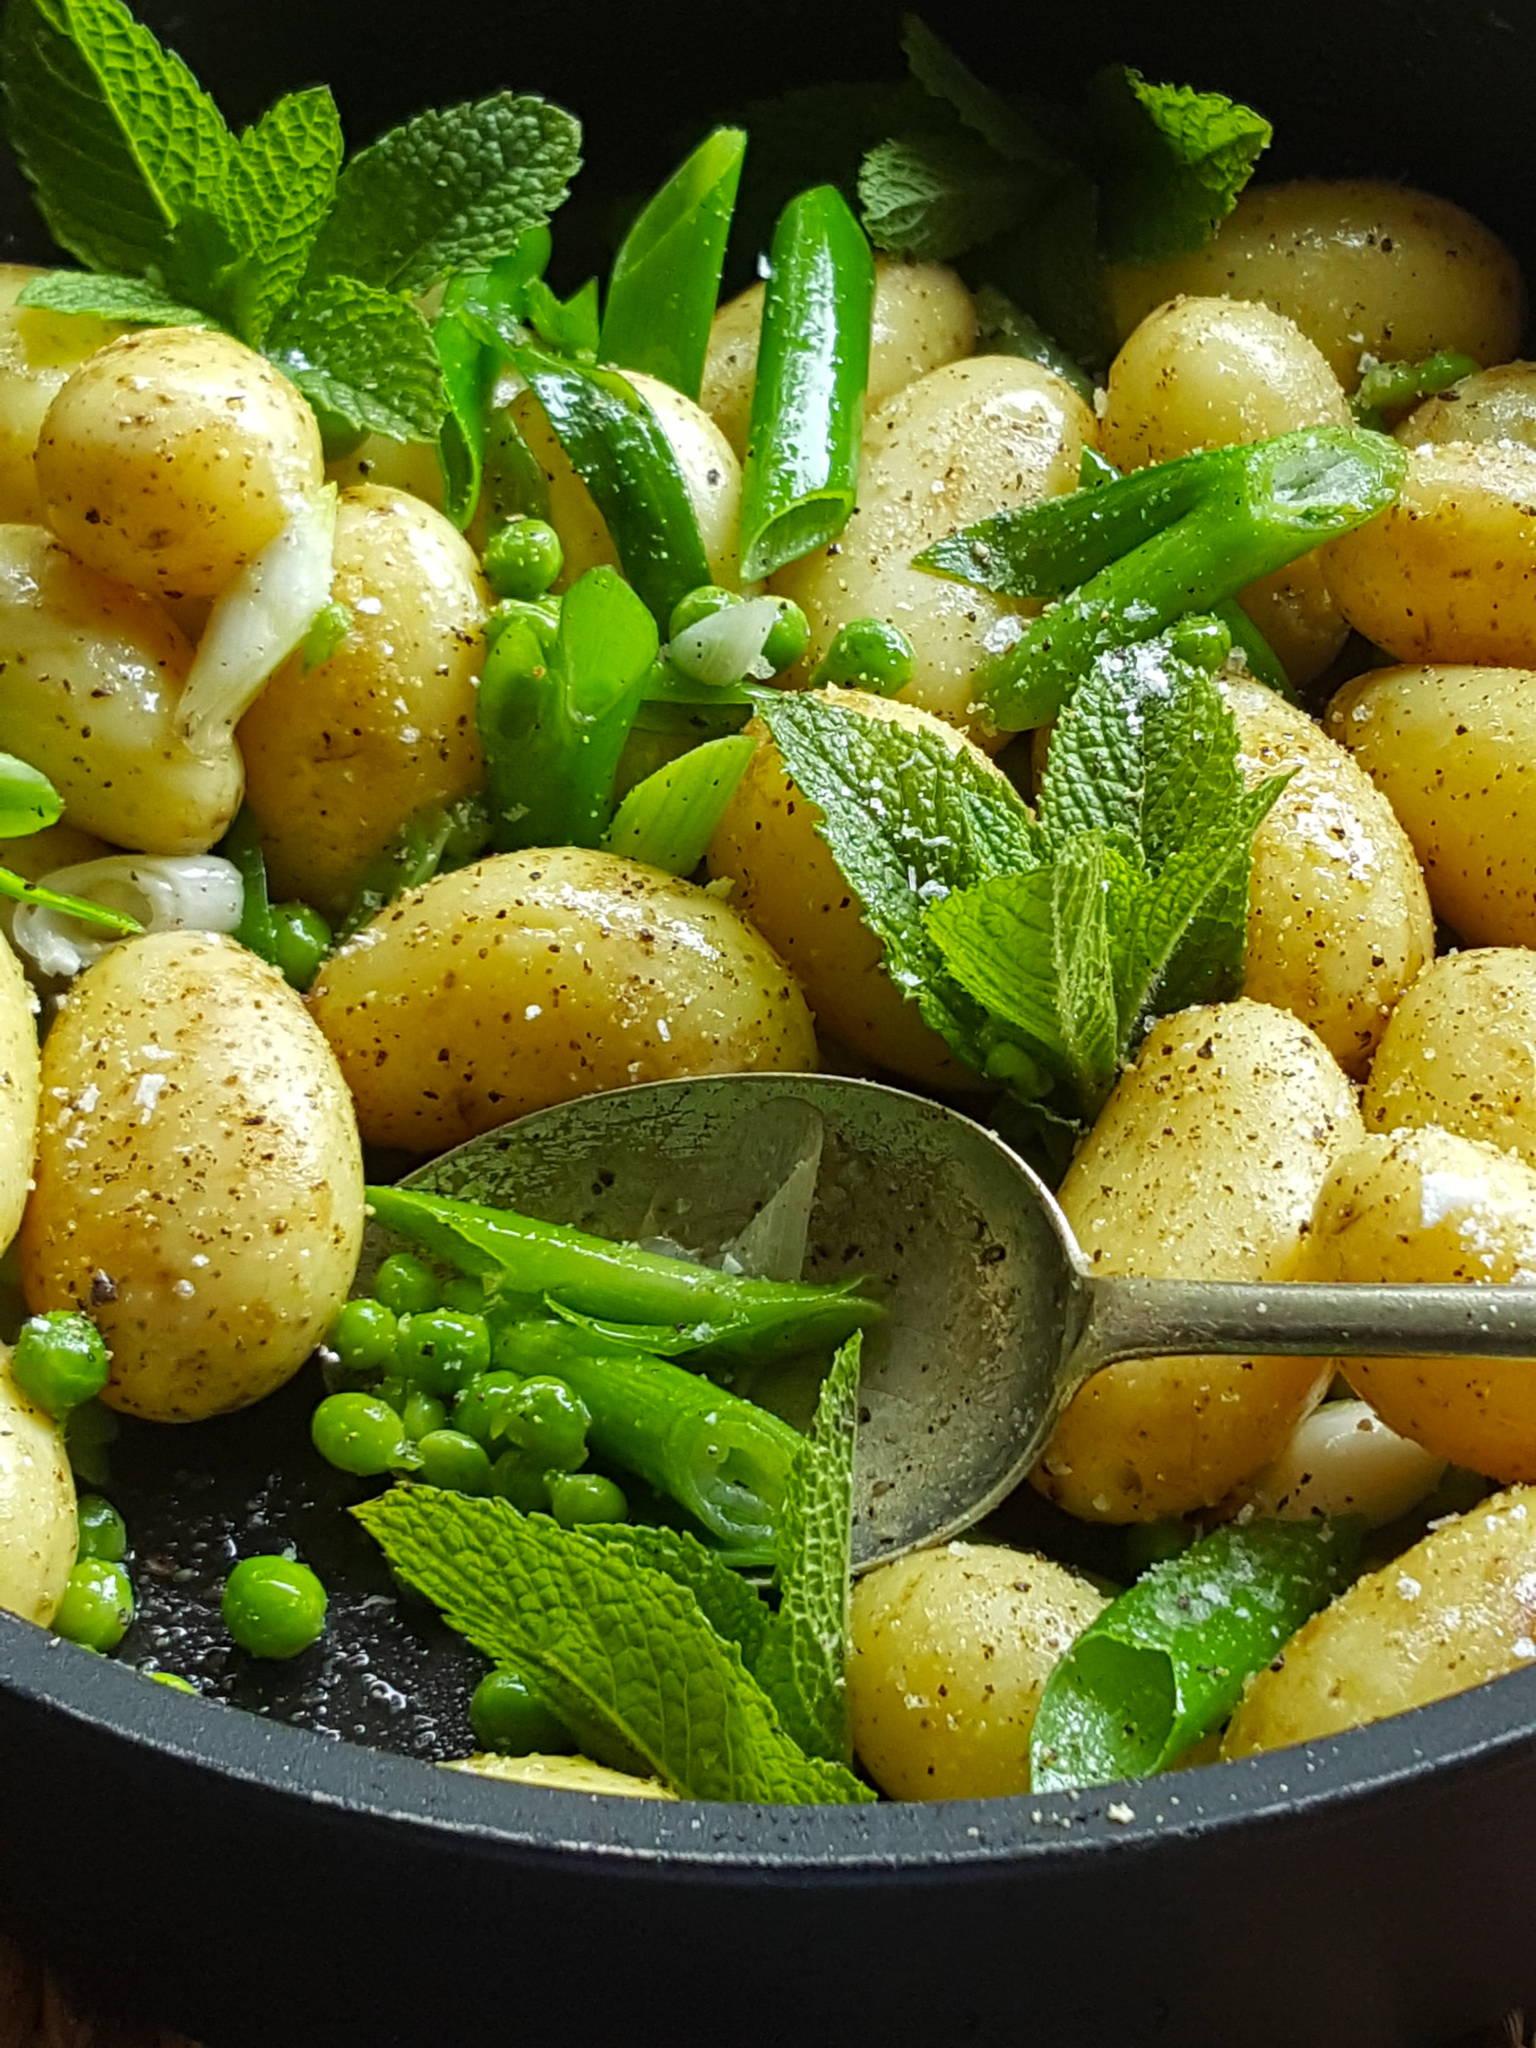 New Potatoes & Baby Peas